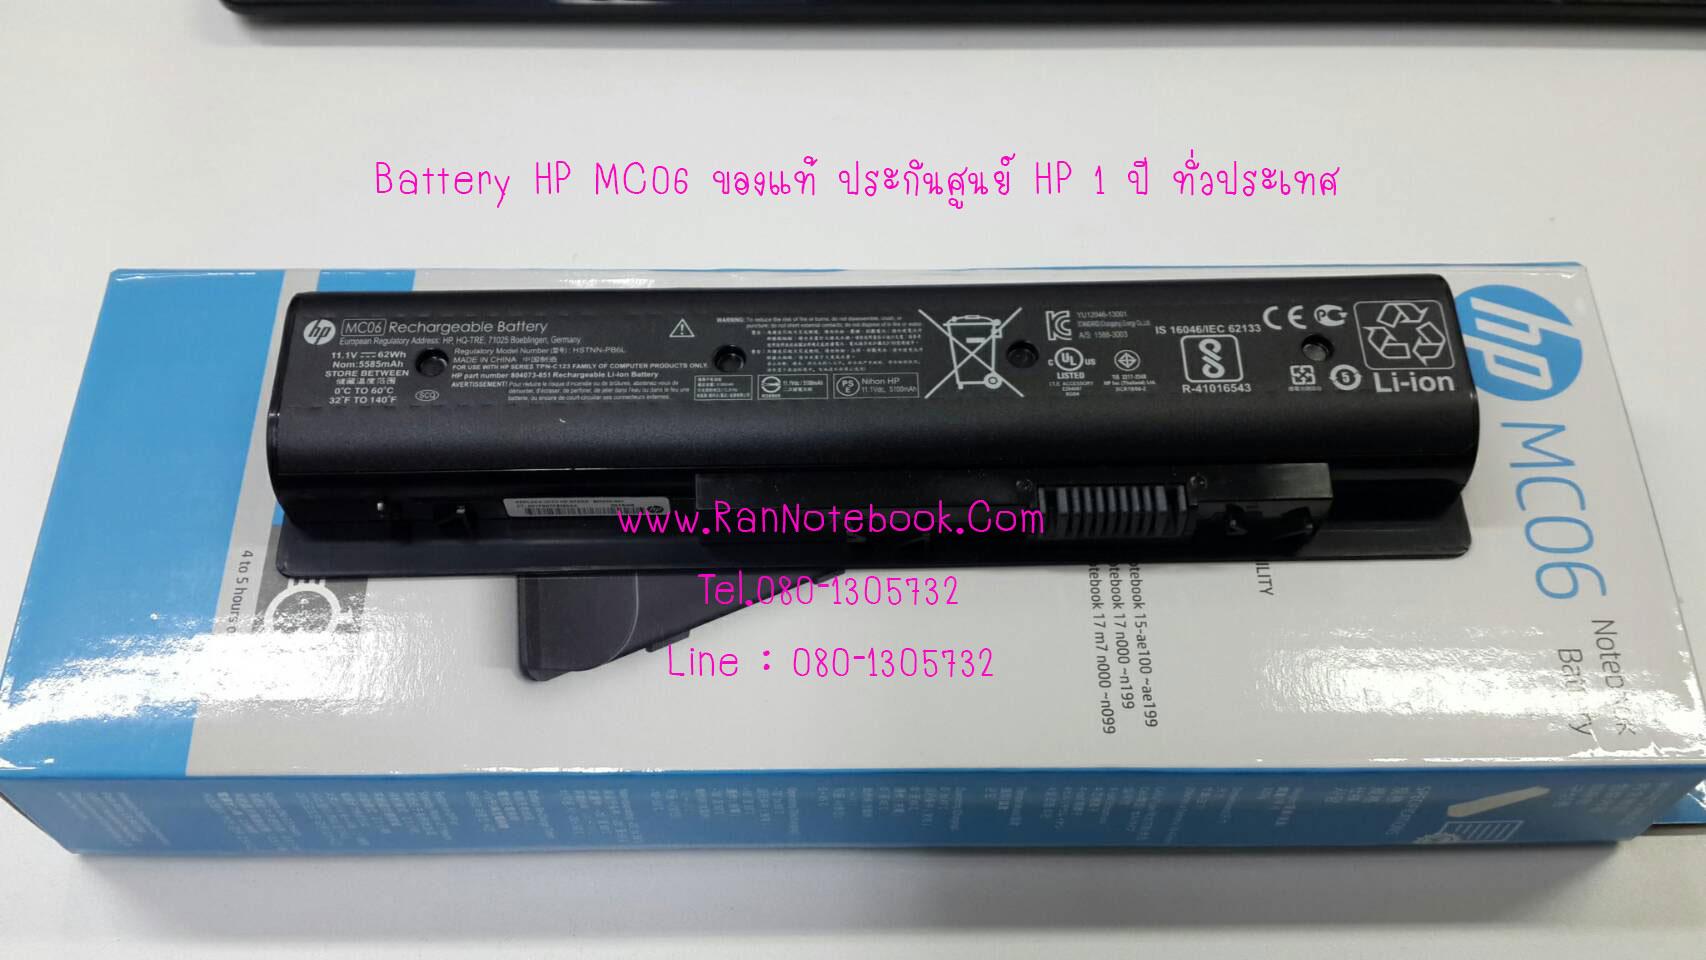 Battery HP ENVY 15 , HP ENNY 17 ของแท้ ประกัน ศูนย์ HP 1 ปี